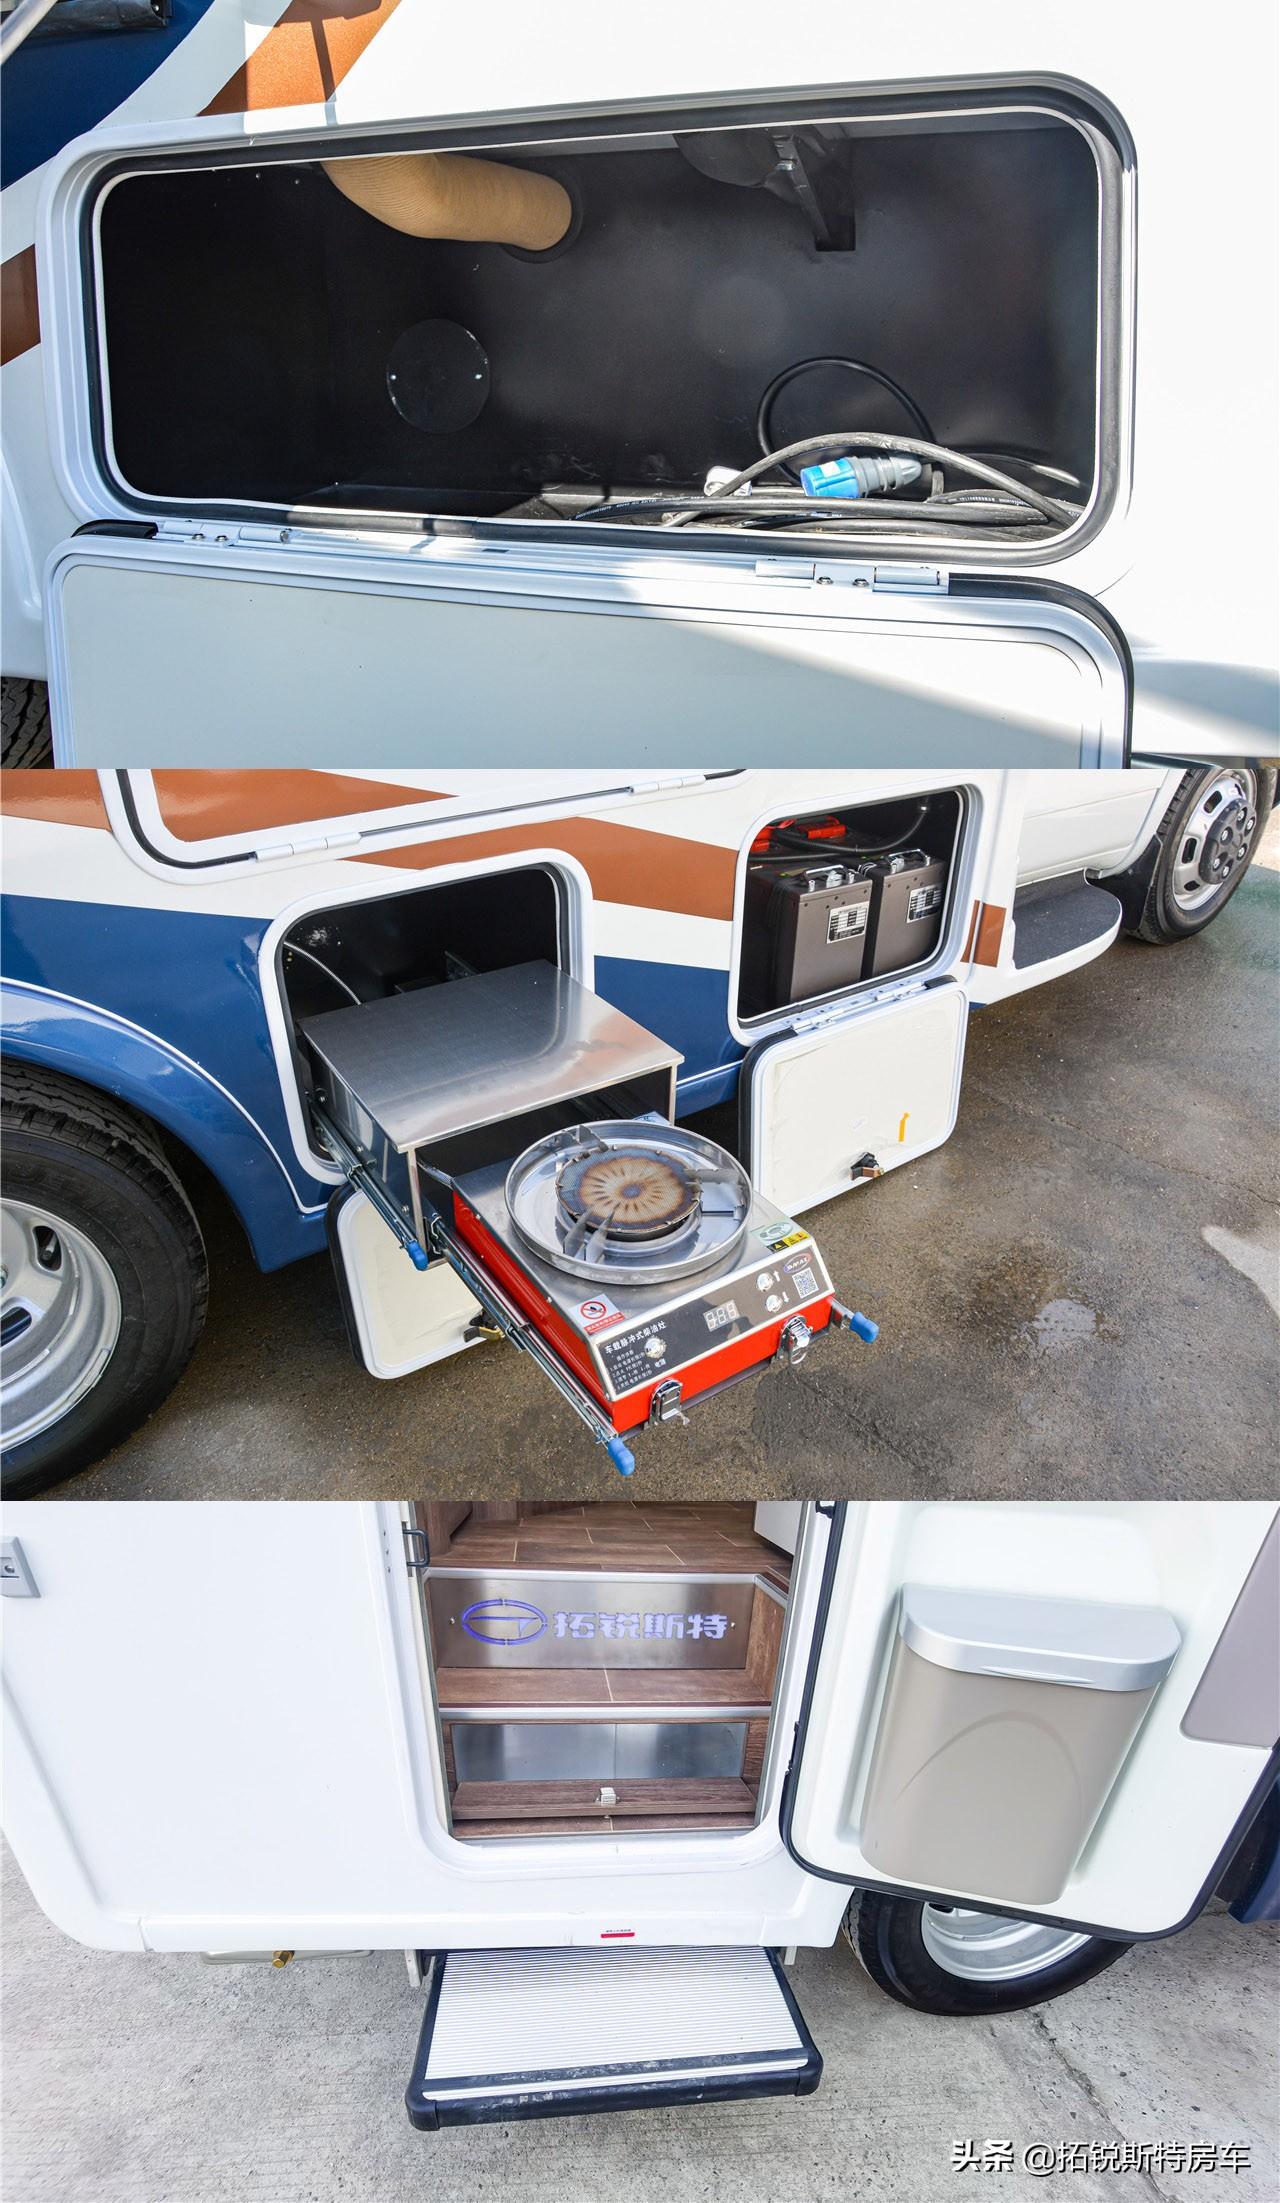 万众瞩目的海王星1号房车,单拓展后开门设计